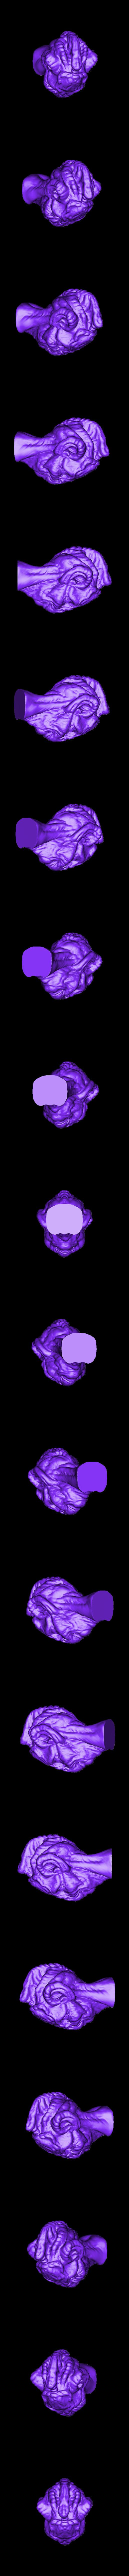 Nuroh_Gribsek.stl Download free STL file Nuroh Gribsek • 3D printing design, bendansie